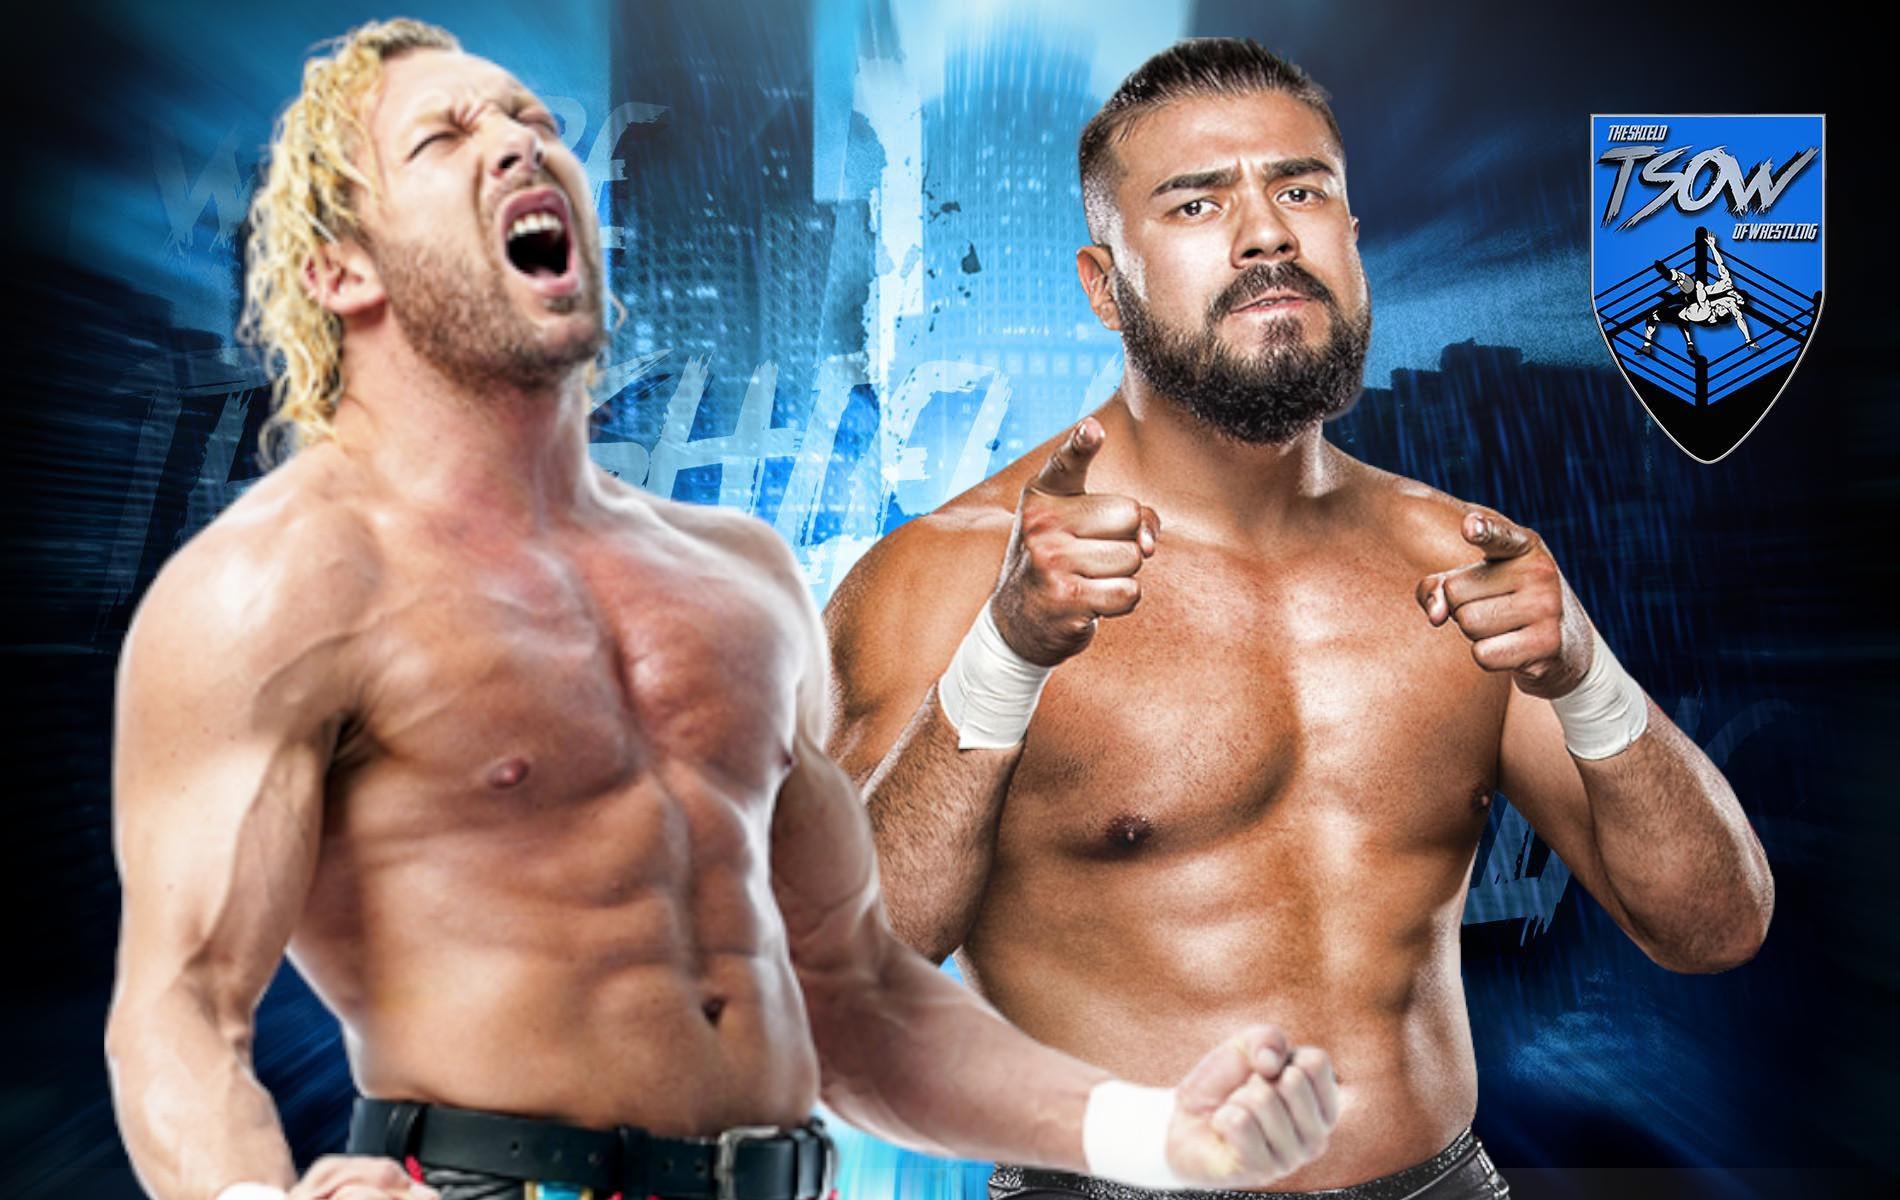 Kenny Omega vs Andrade annunciato ufficialmente dalla AAA